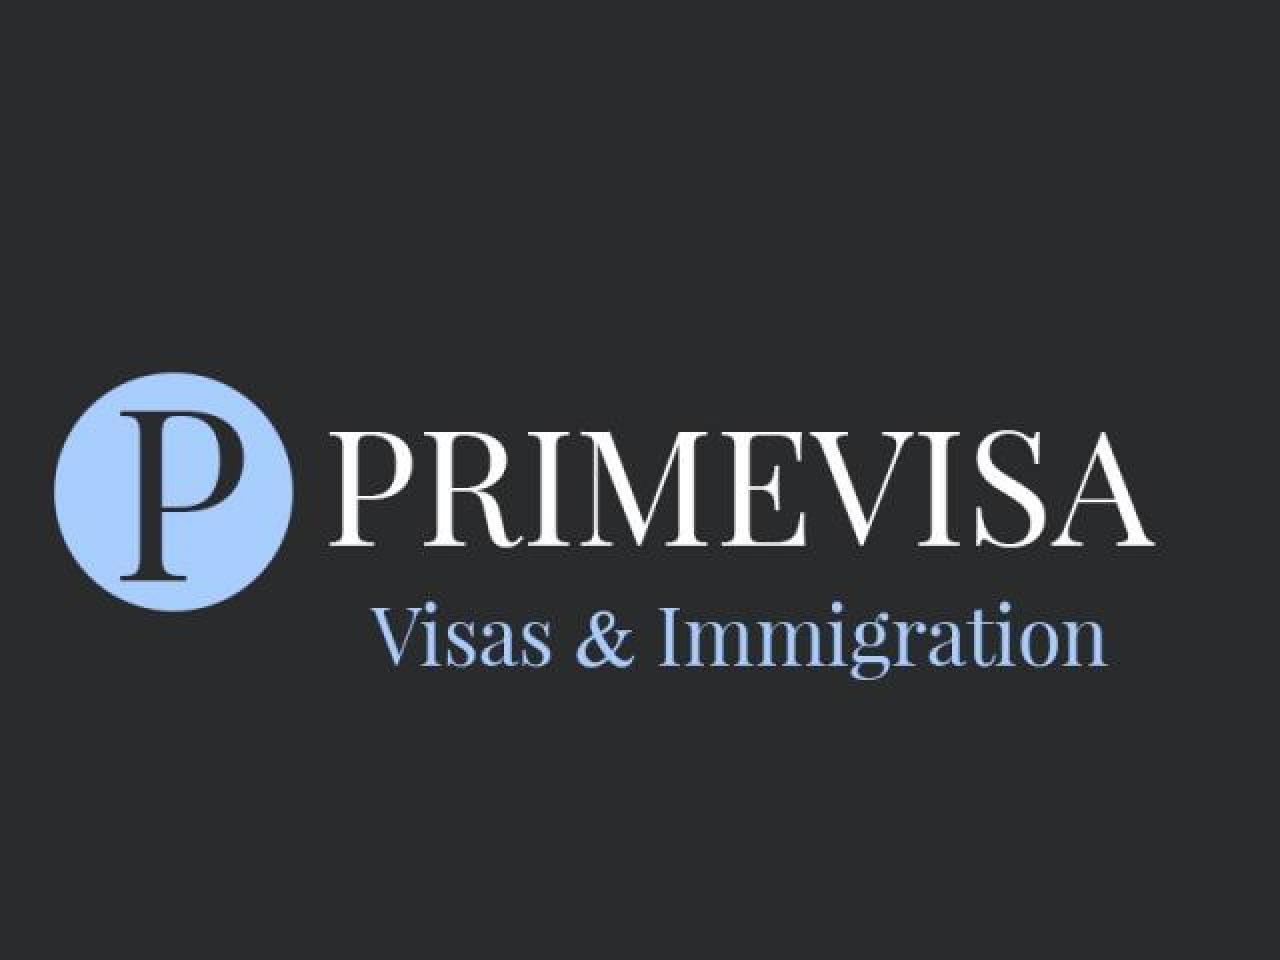 Иммиграционный сервис, визы, статус резидента для граждан ЕС, гражданство UK - 1